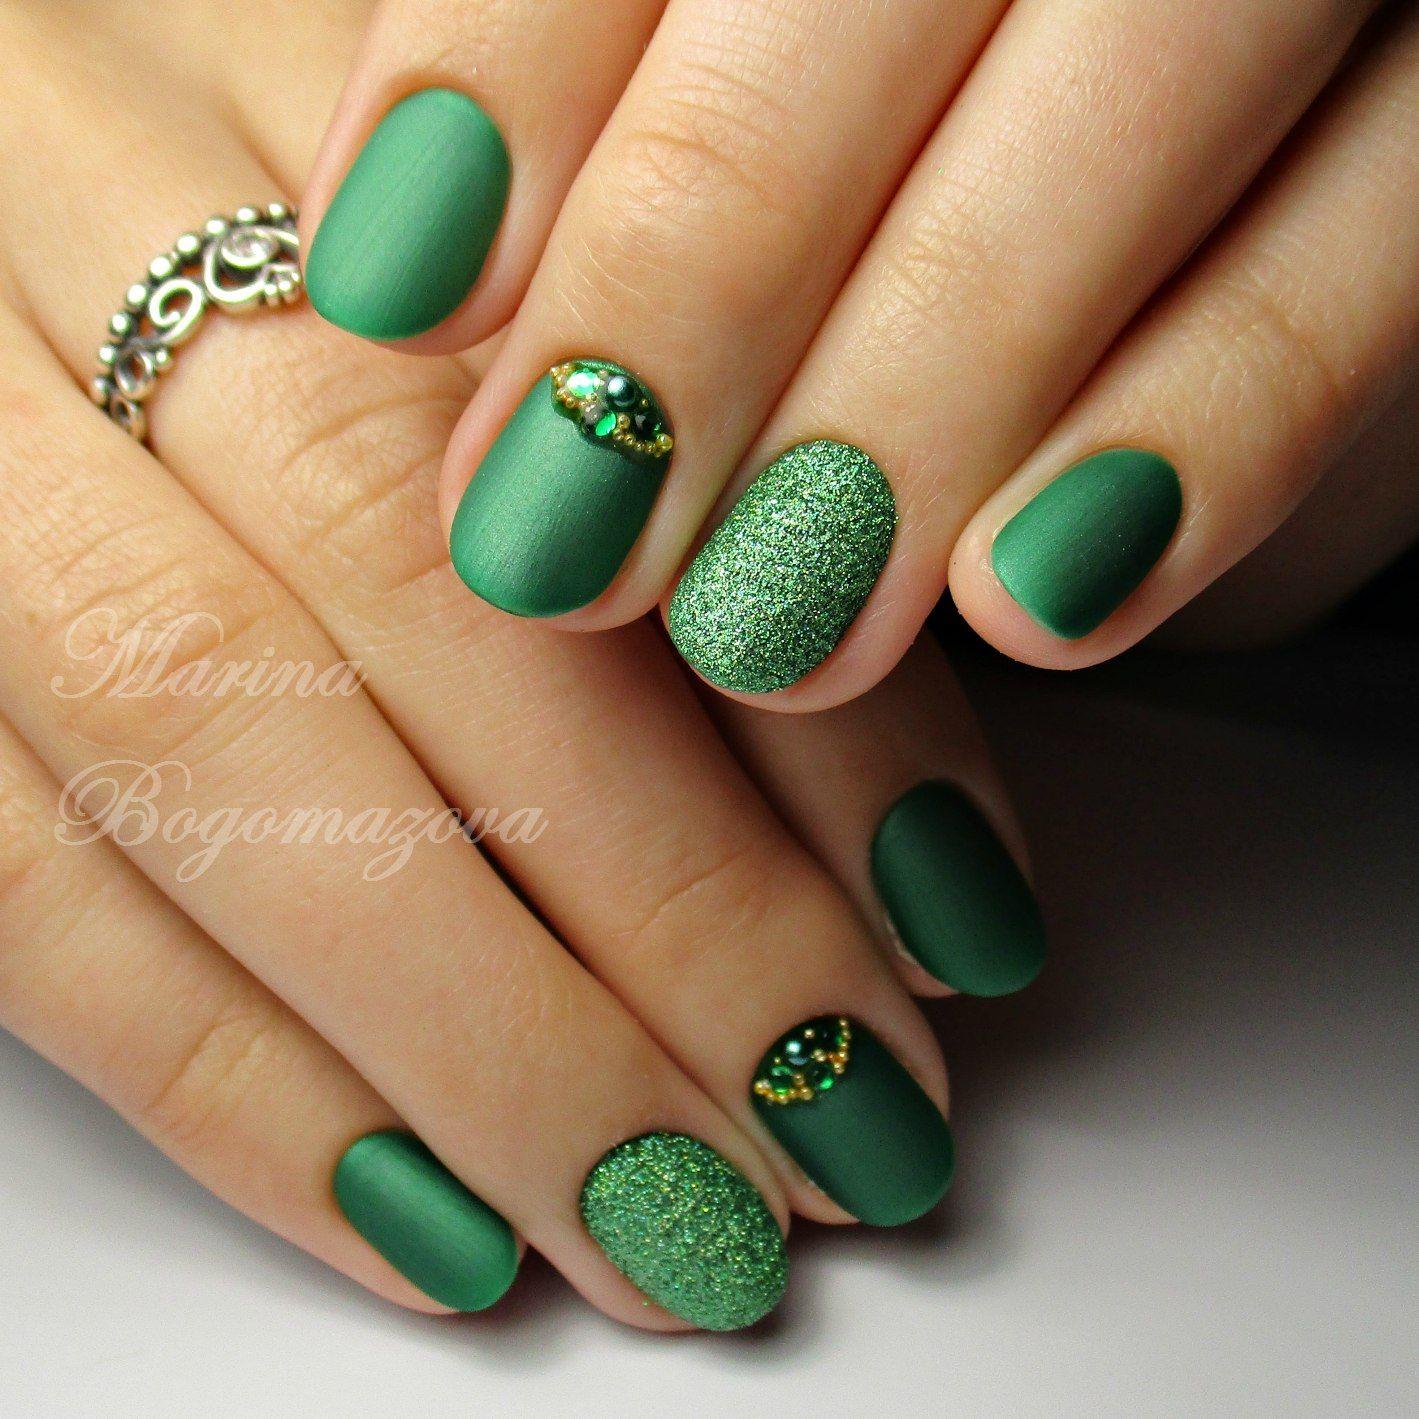 Маникюр зеленого цвета со стразами